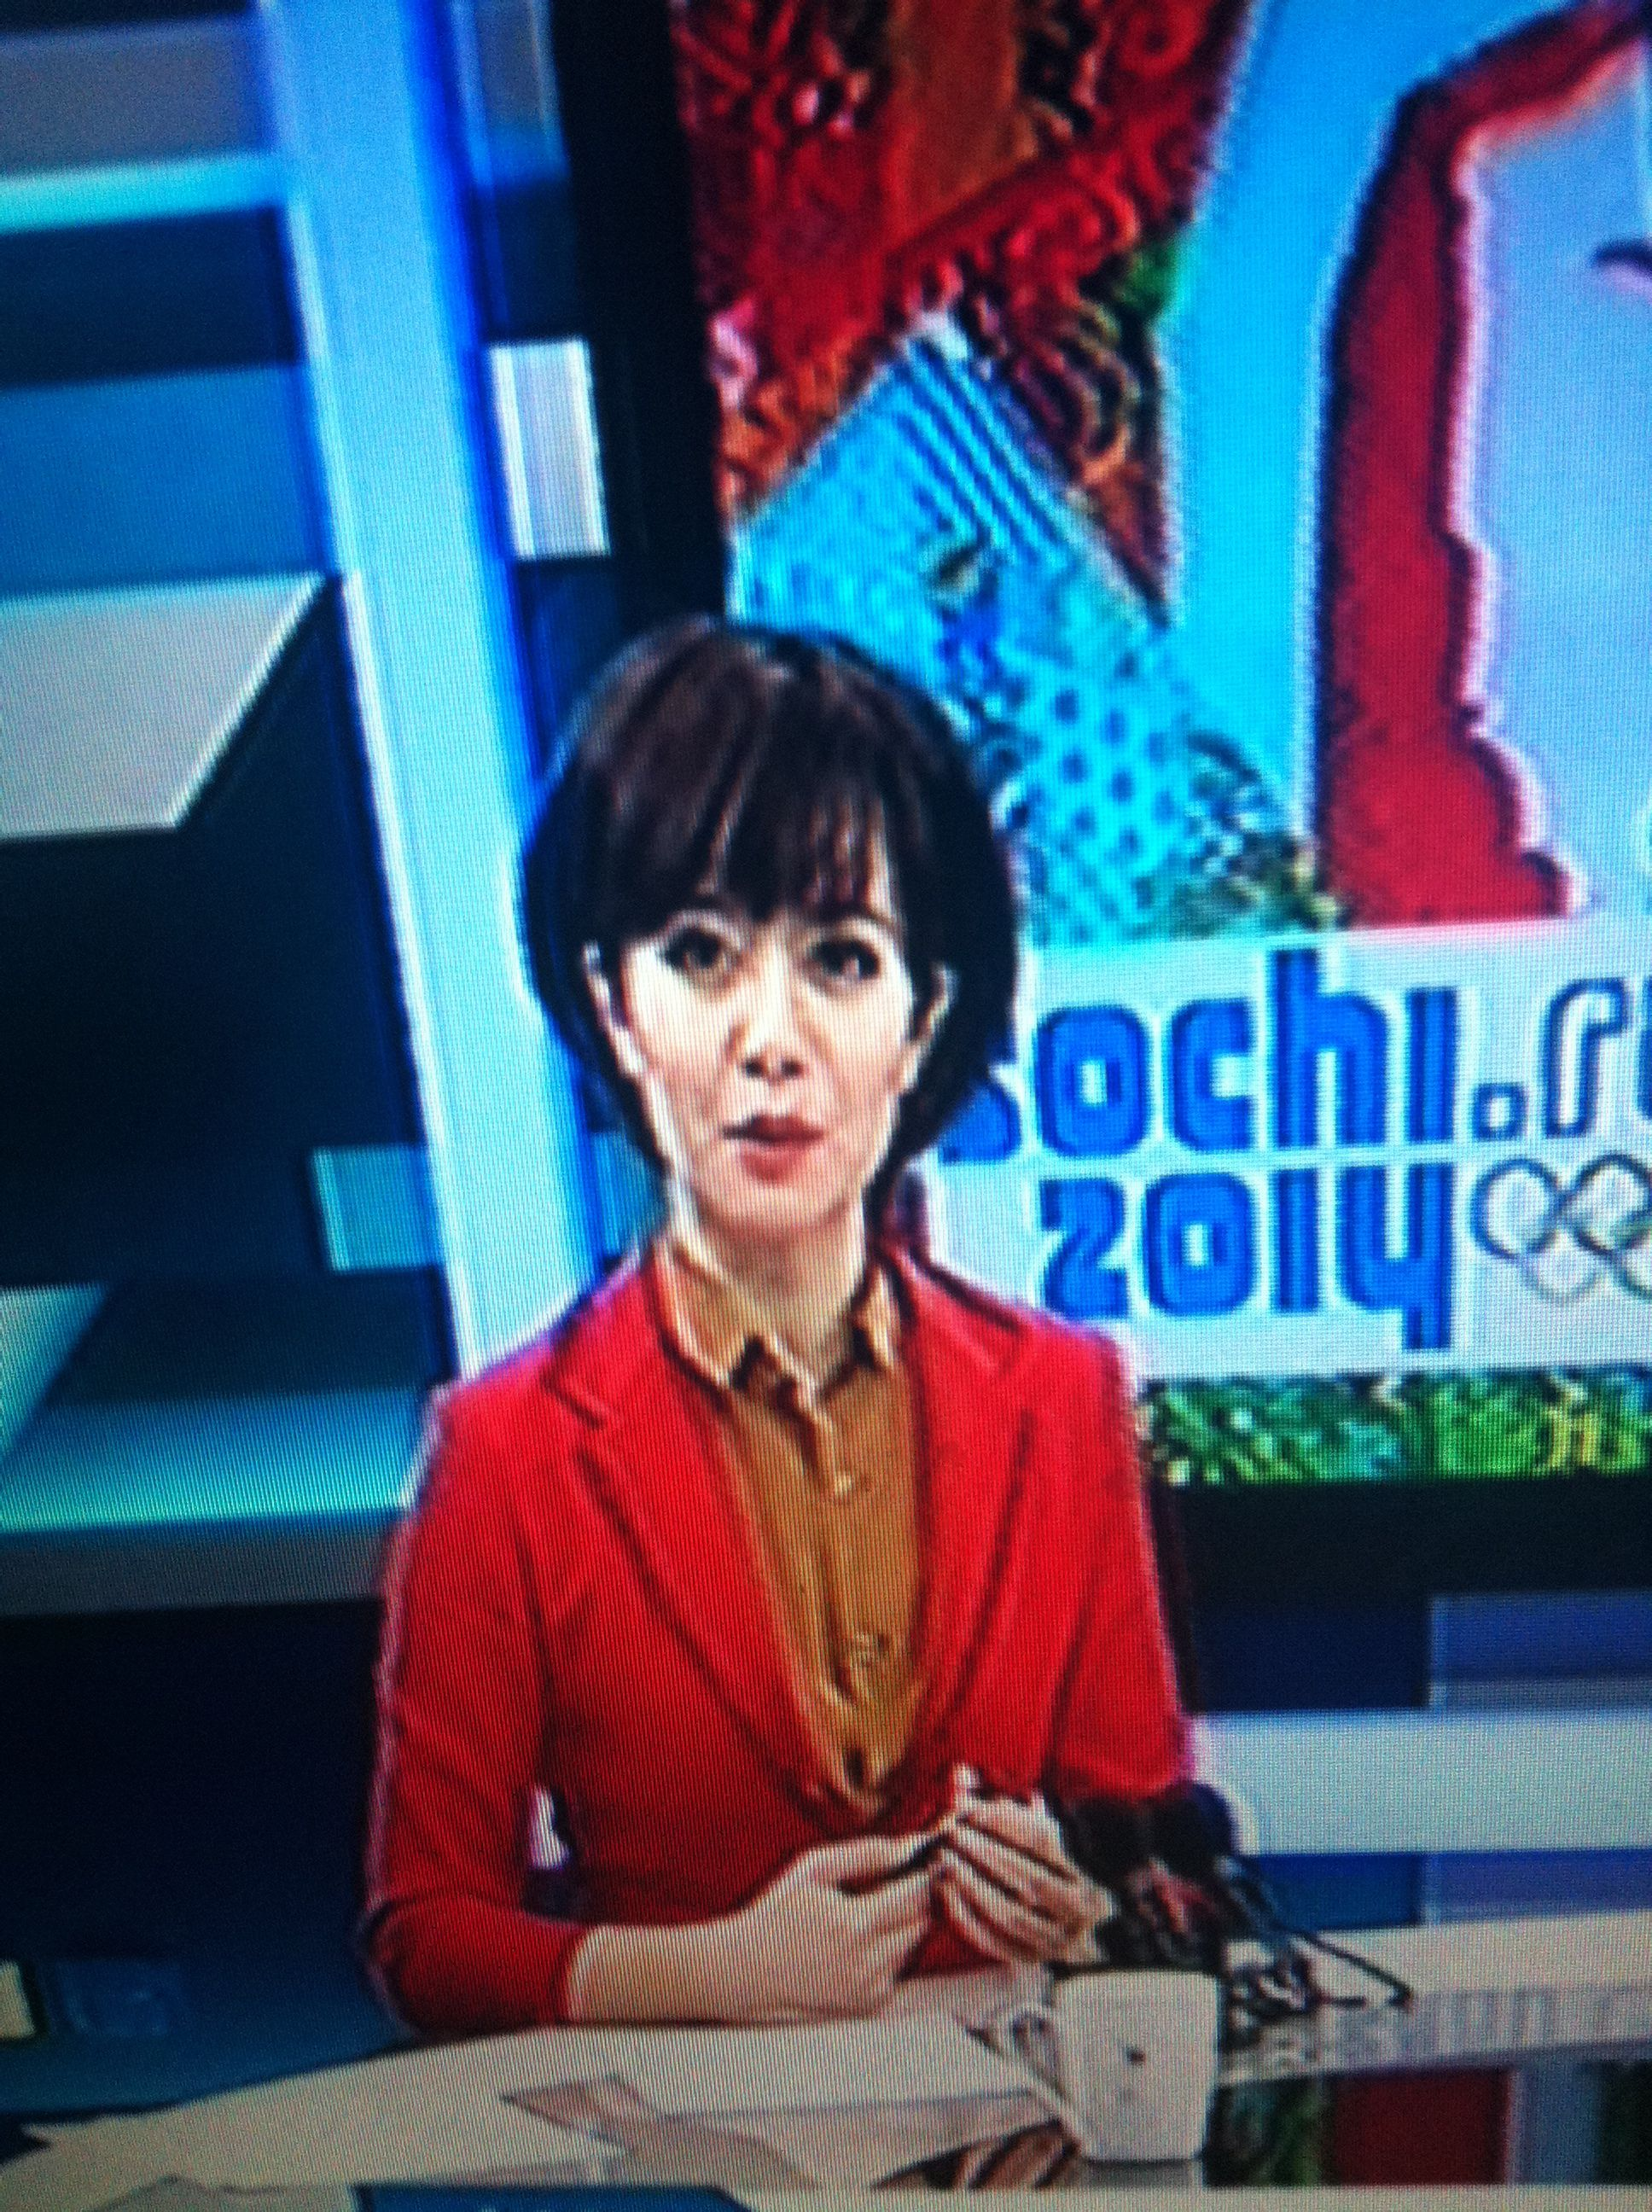 体育频道_央视体育频道主持人_百度知道